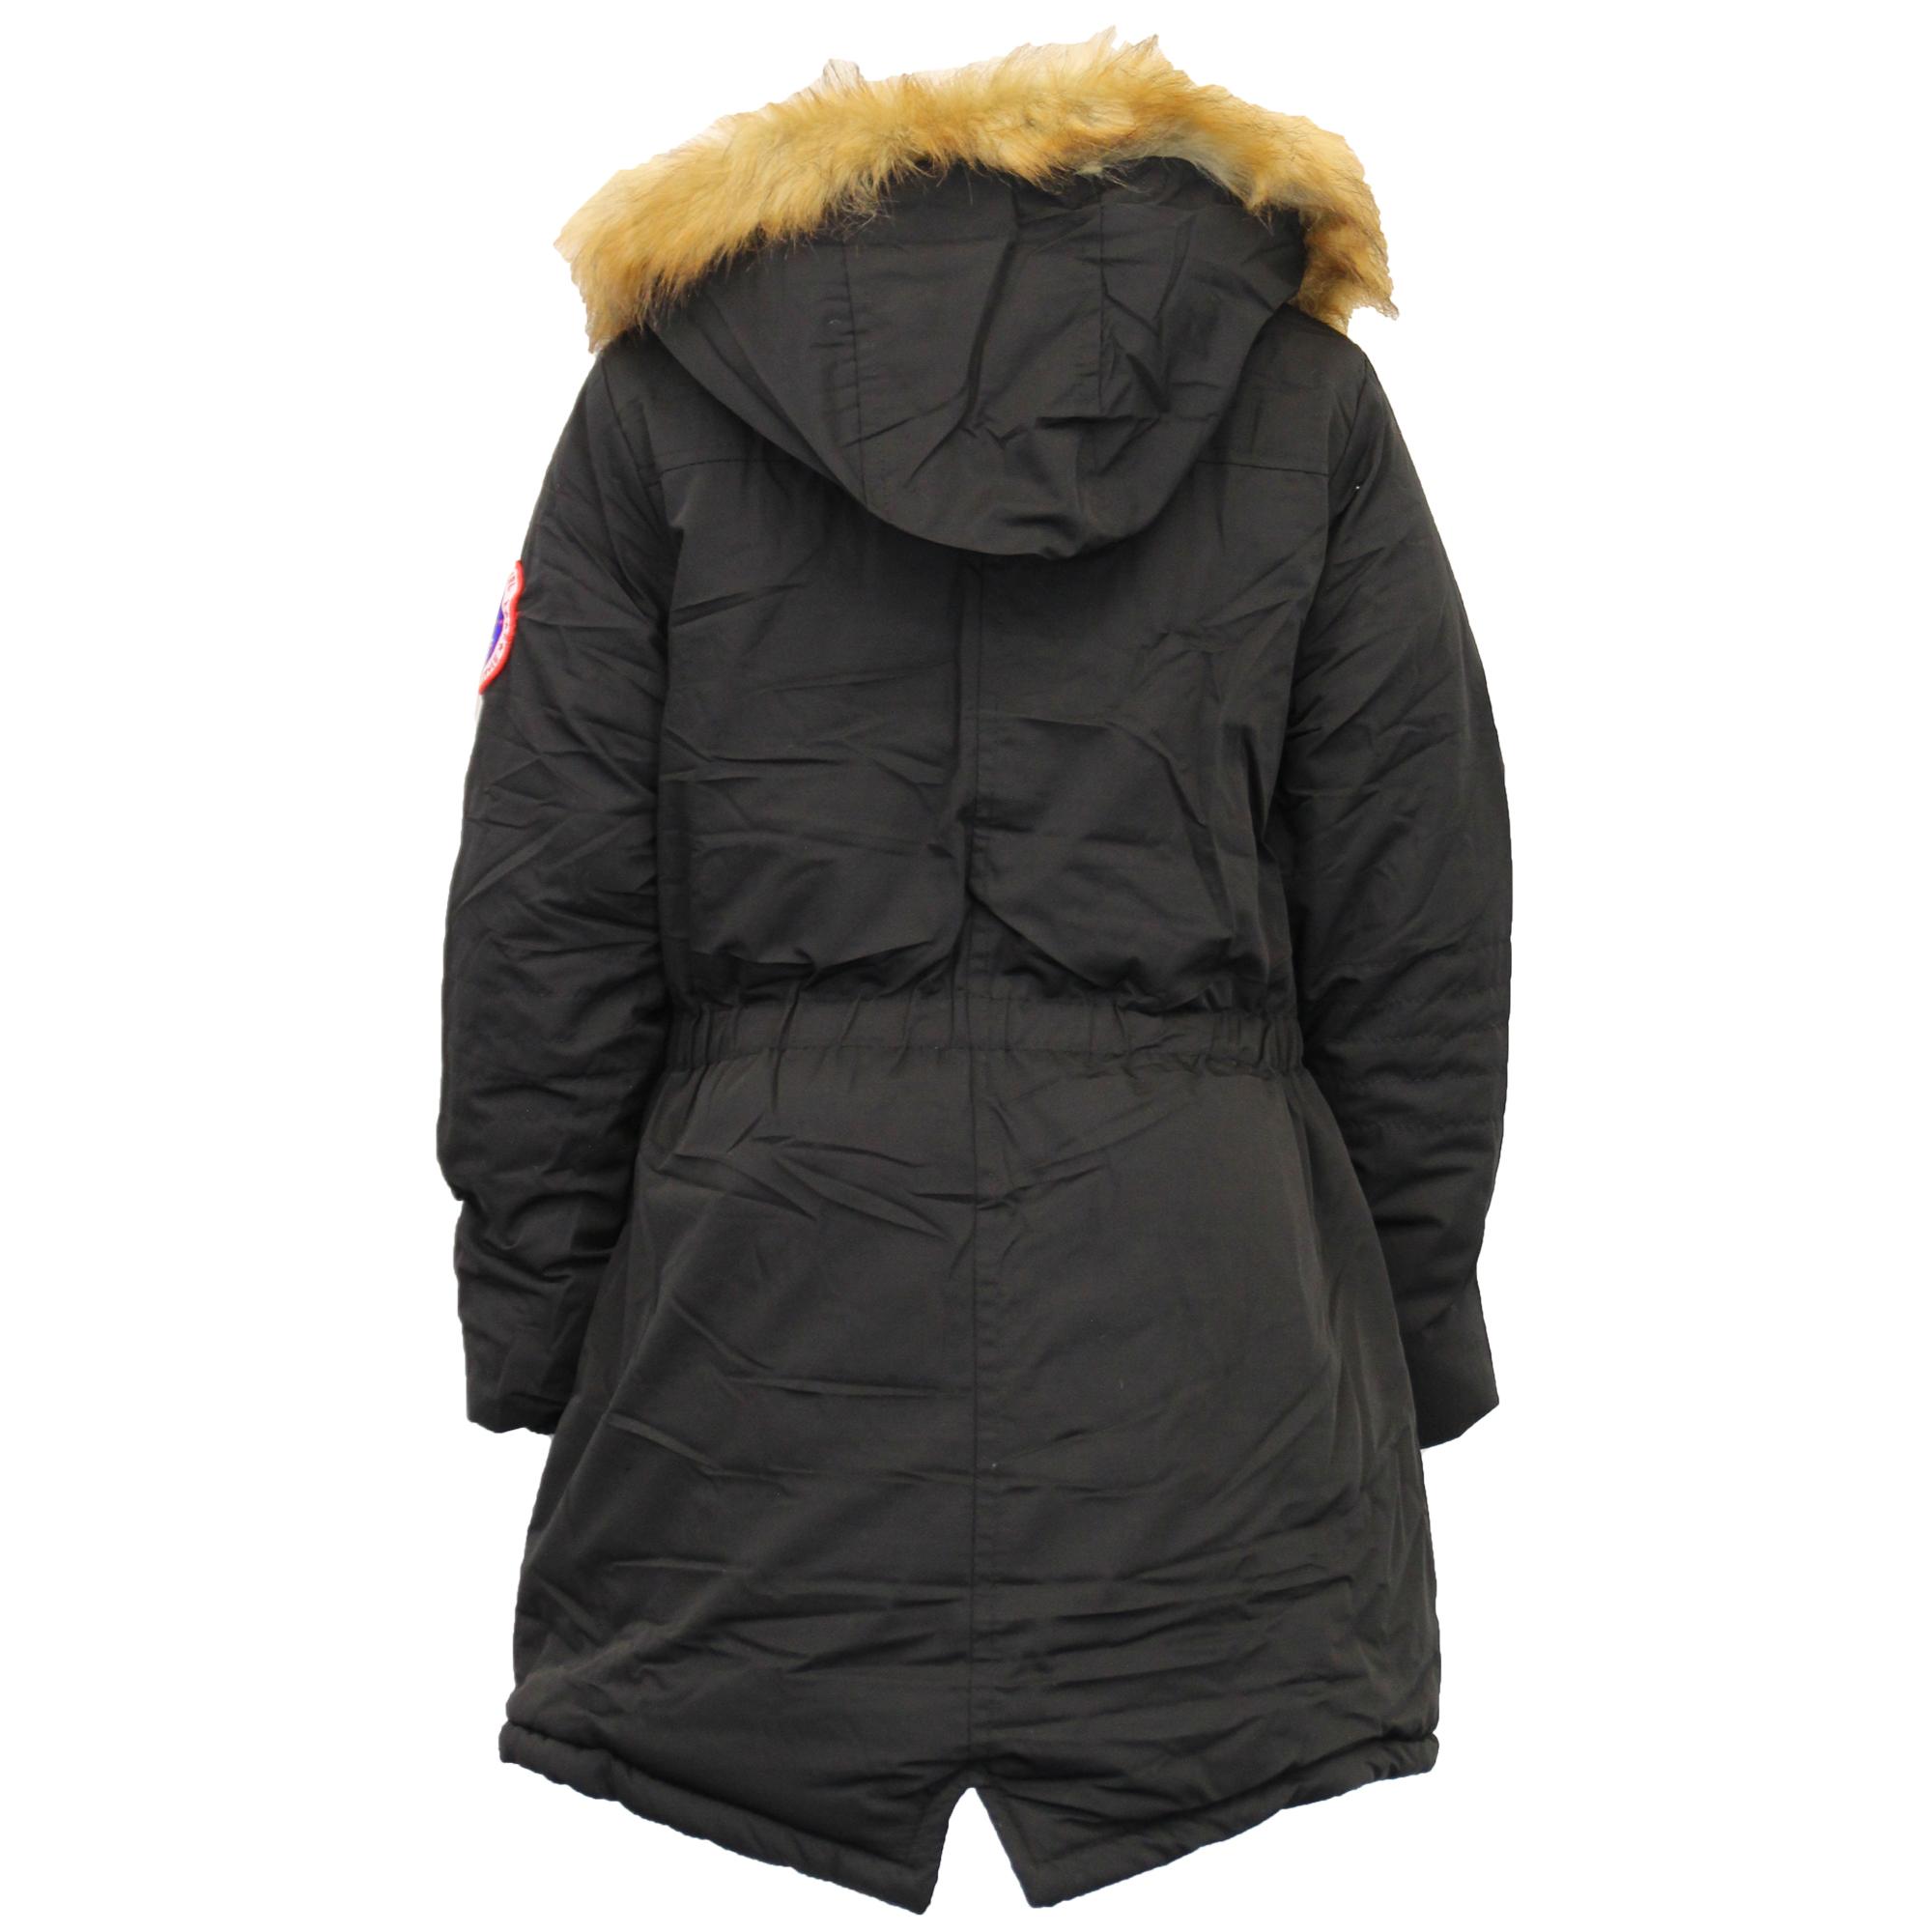 Ragazze Bambini Lungo Parka Cappotto Imbottito Felpa Con Cappuccio Sherpa Foderato in Pile Invernale Nuovo